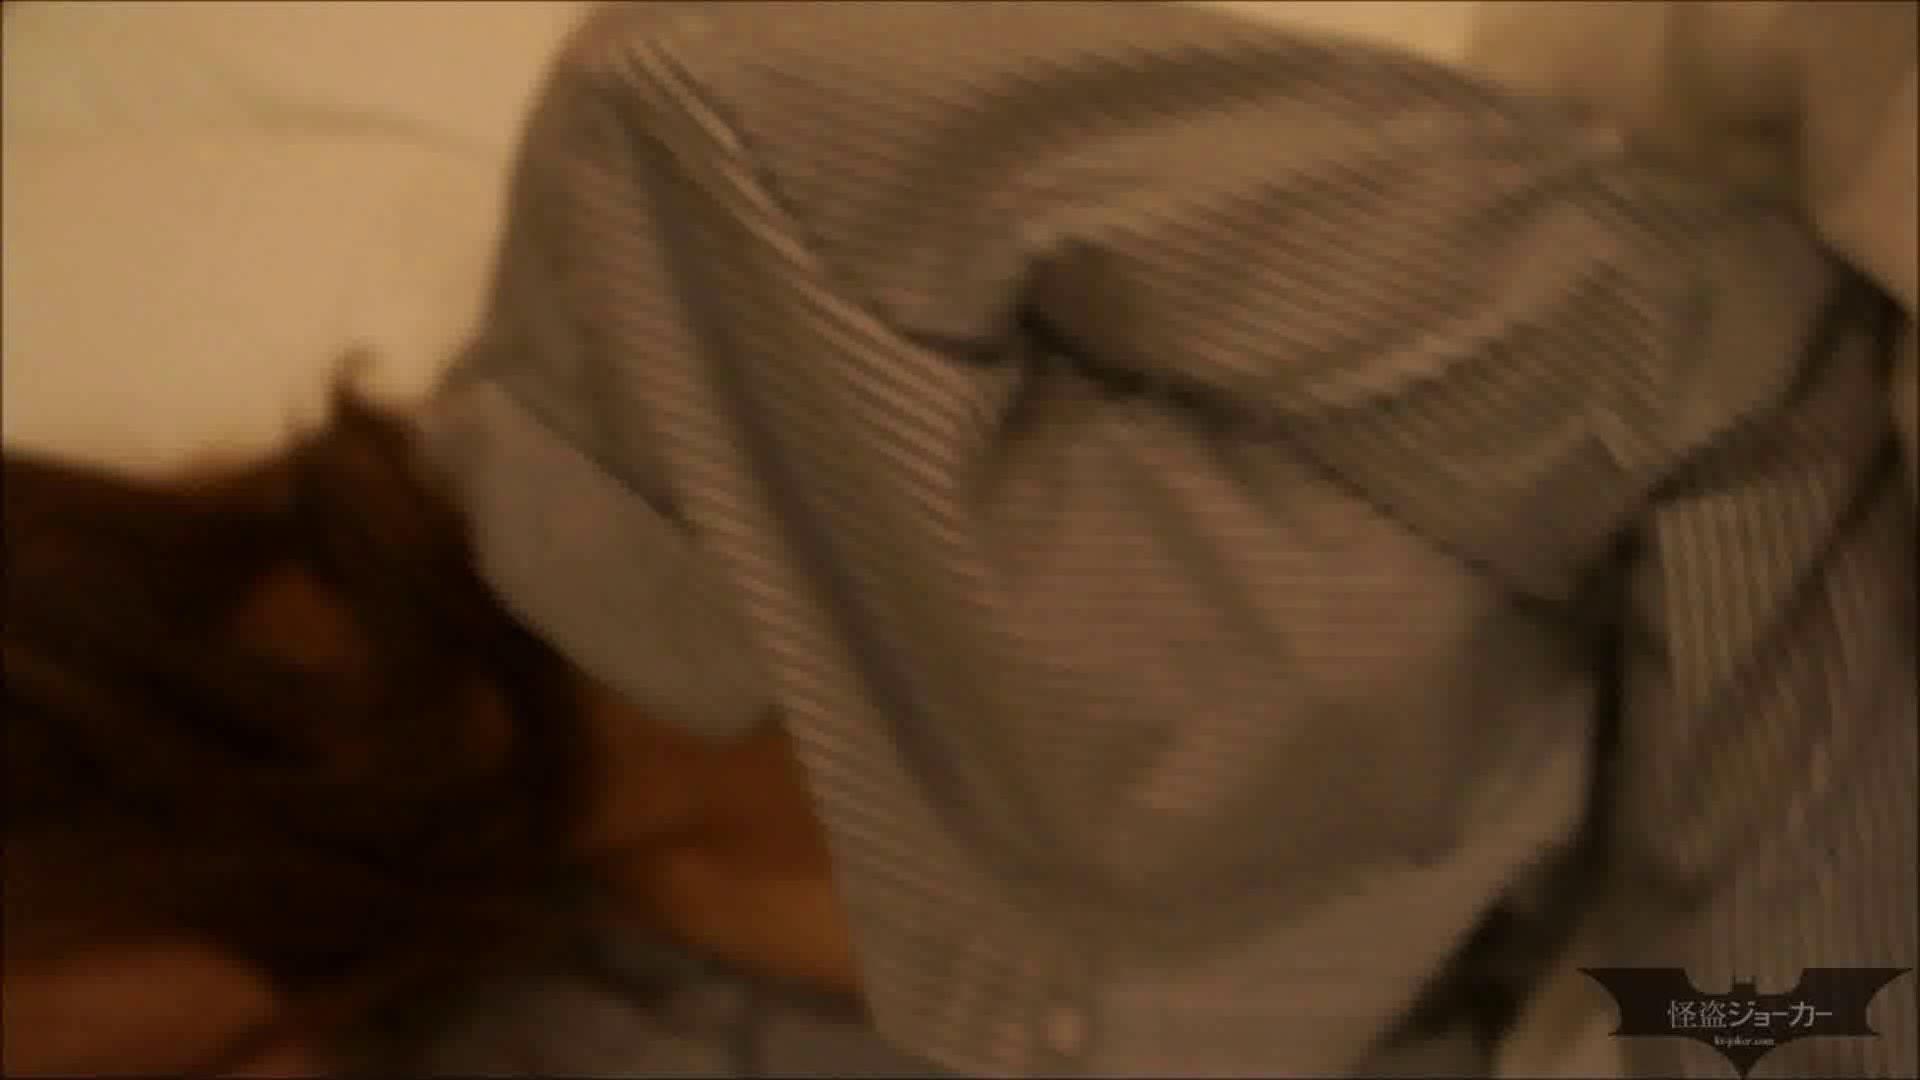 【未公開】vol.19 セレブ美魔女・仕事帰りに口淫、膣内射精、滴り落ちる精液。 0 | パンティ  80連発 67